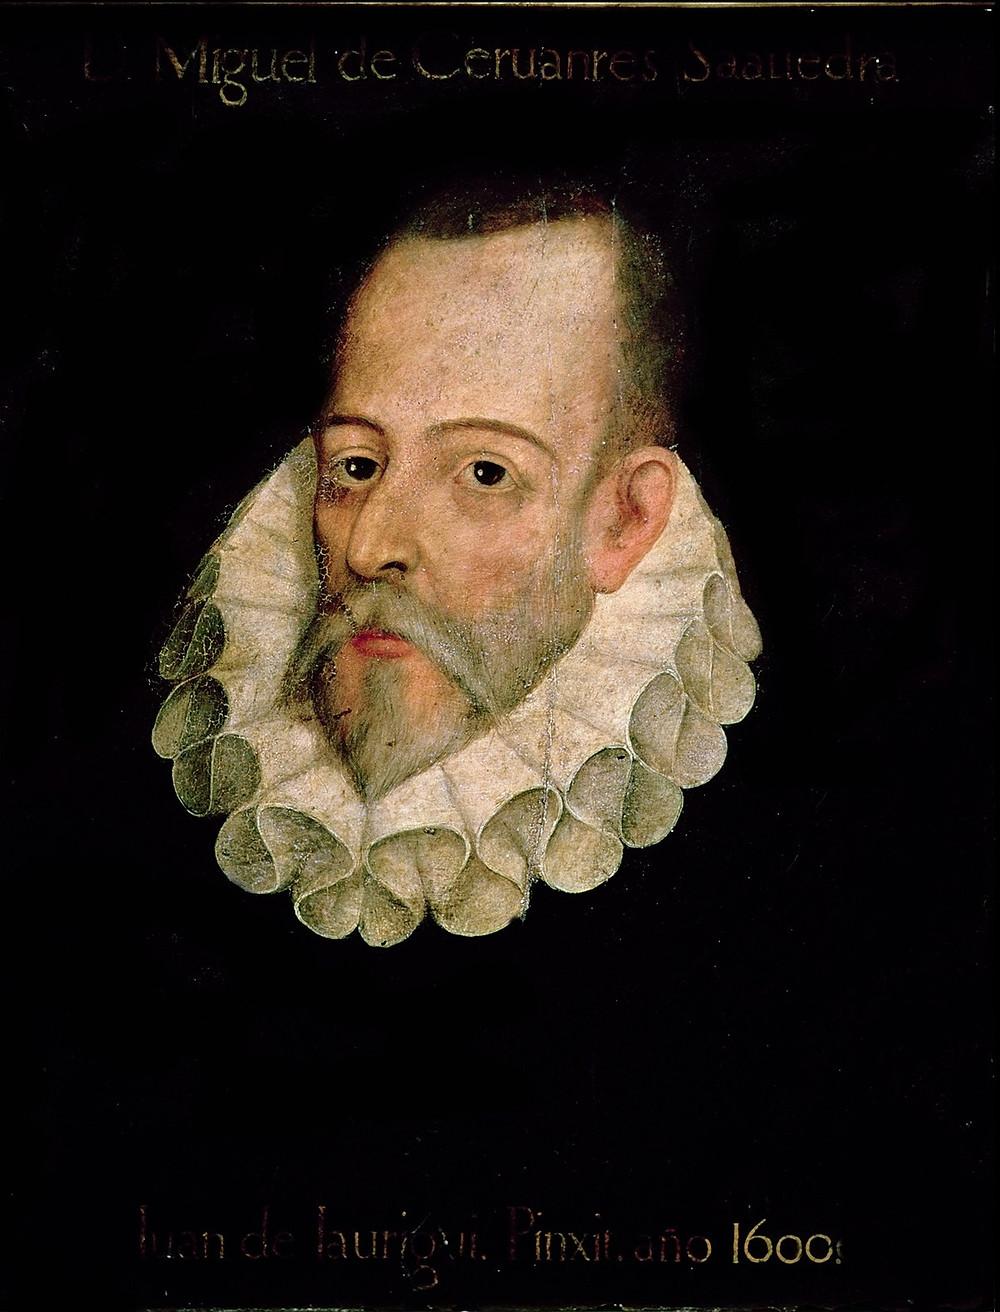 Miguel de cervantes portrait